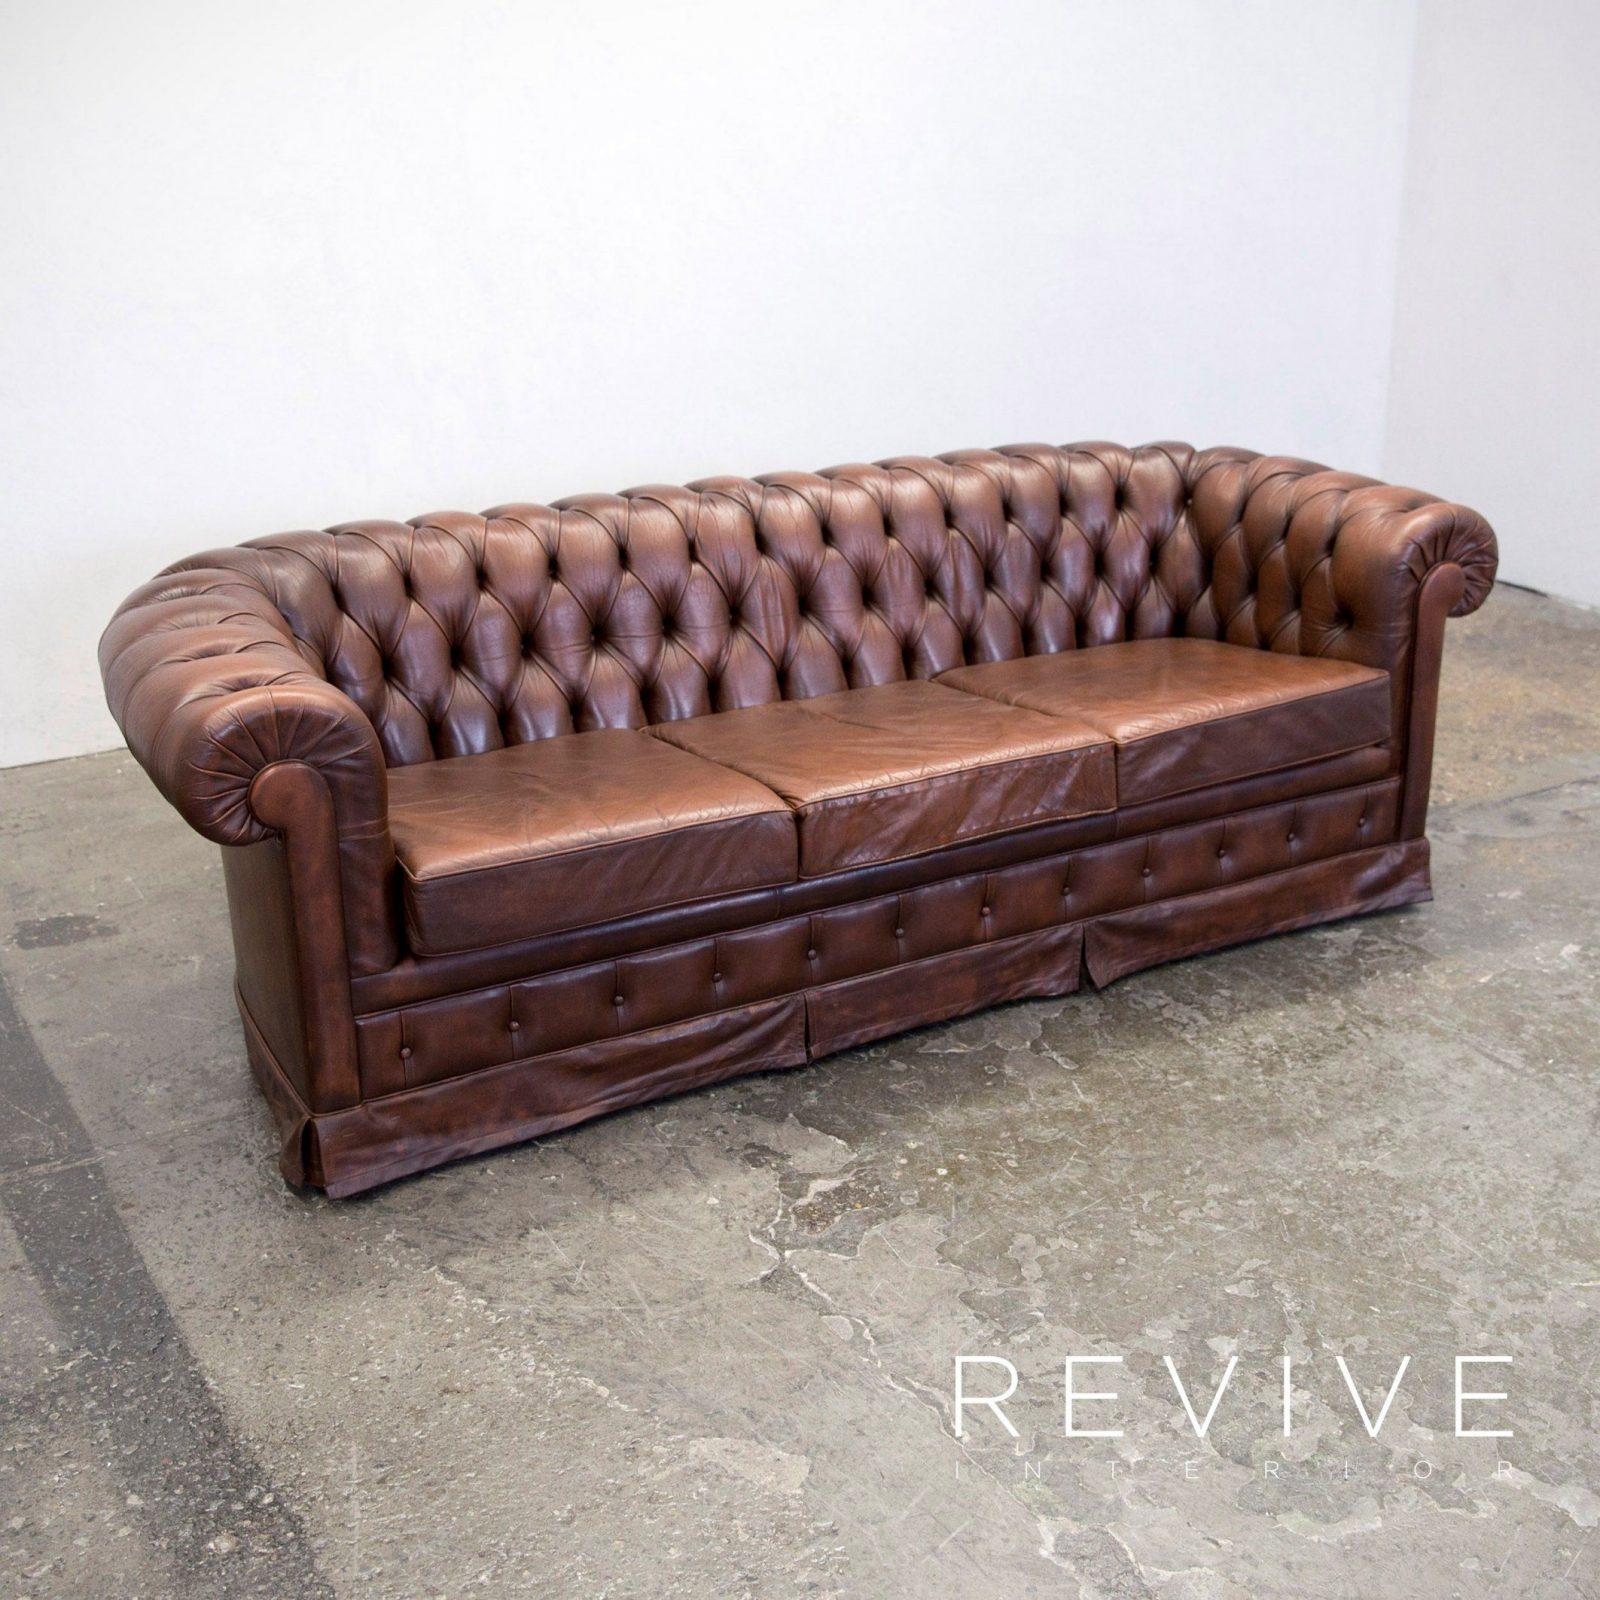 Sofa Ideen Zündend Chesterfield Sofas Gebraucht Kaufen Schick von Chesterfield Sofa Günstig Kaufen Photo